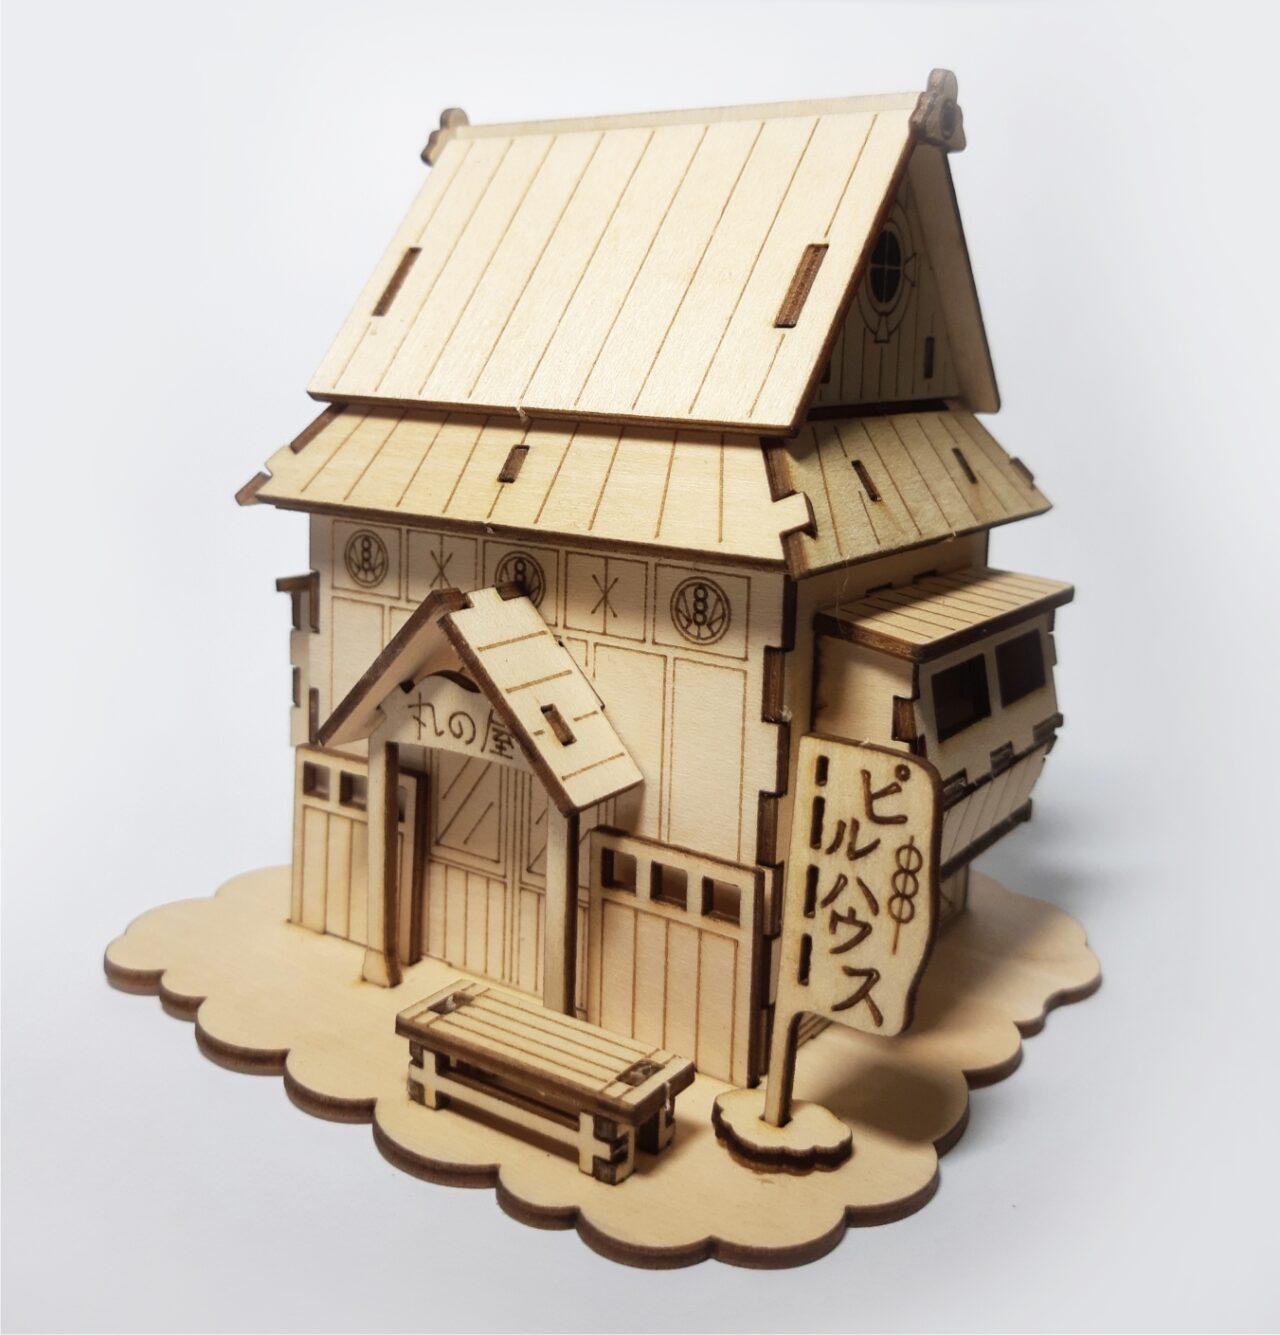 DIY丸子屋模型 / 日本建築 - 泰電雷切工作坊